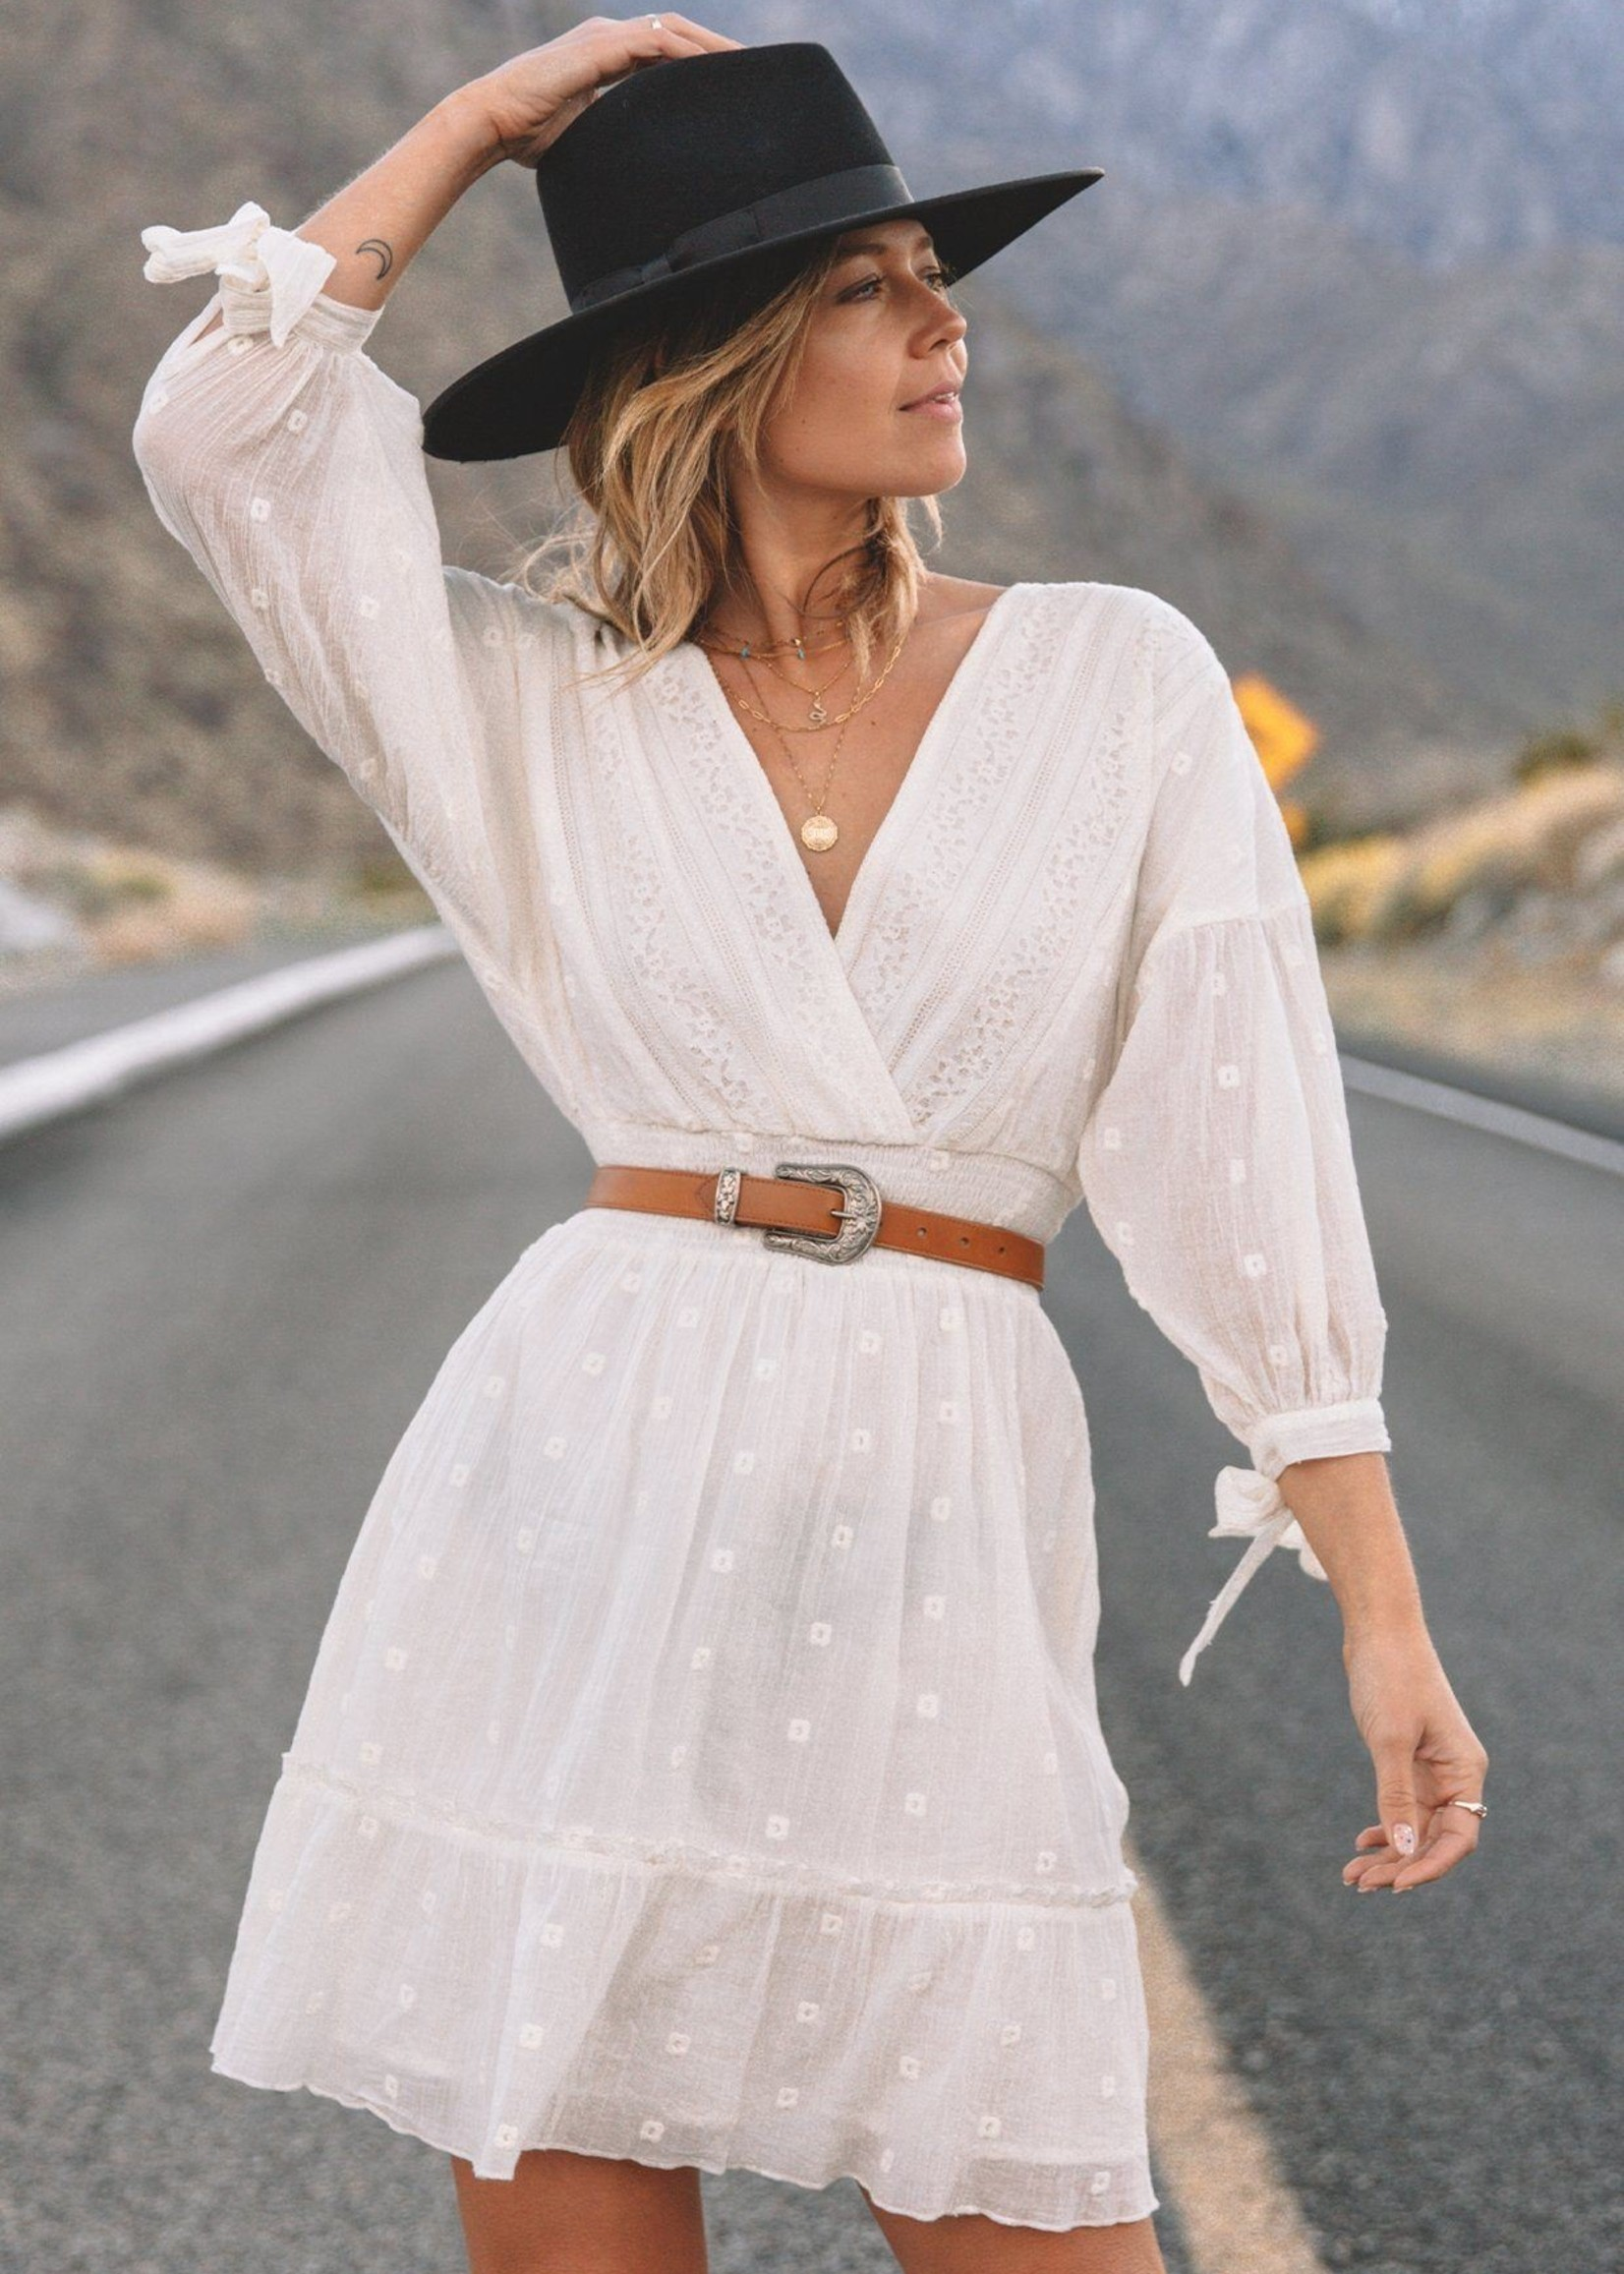 Free Spirit White Mini Dress